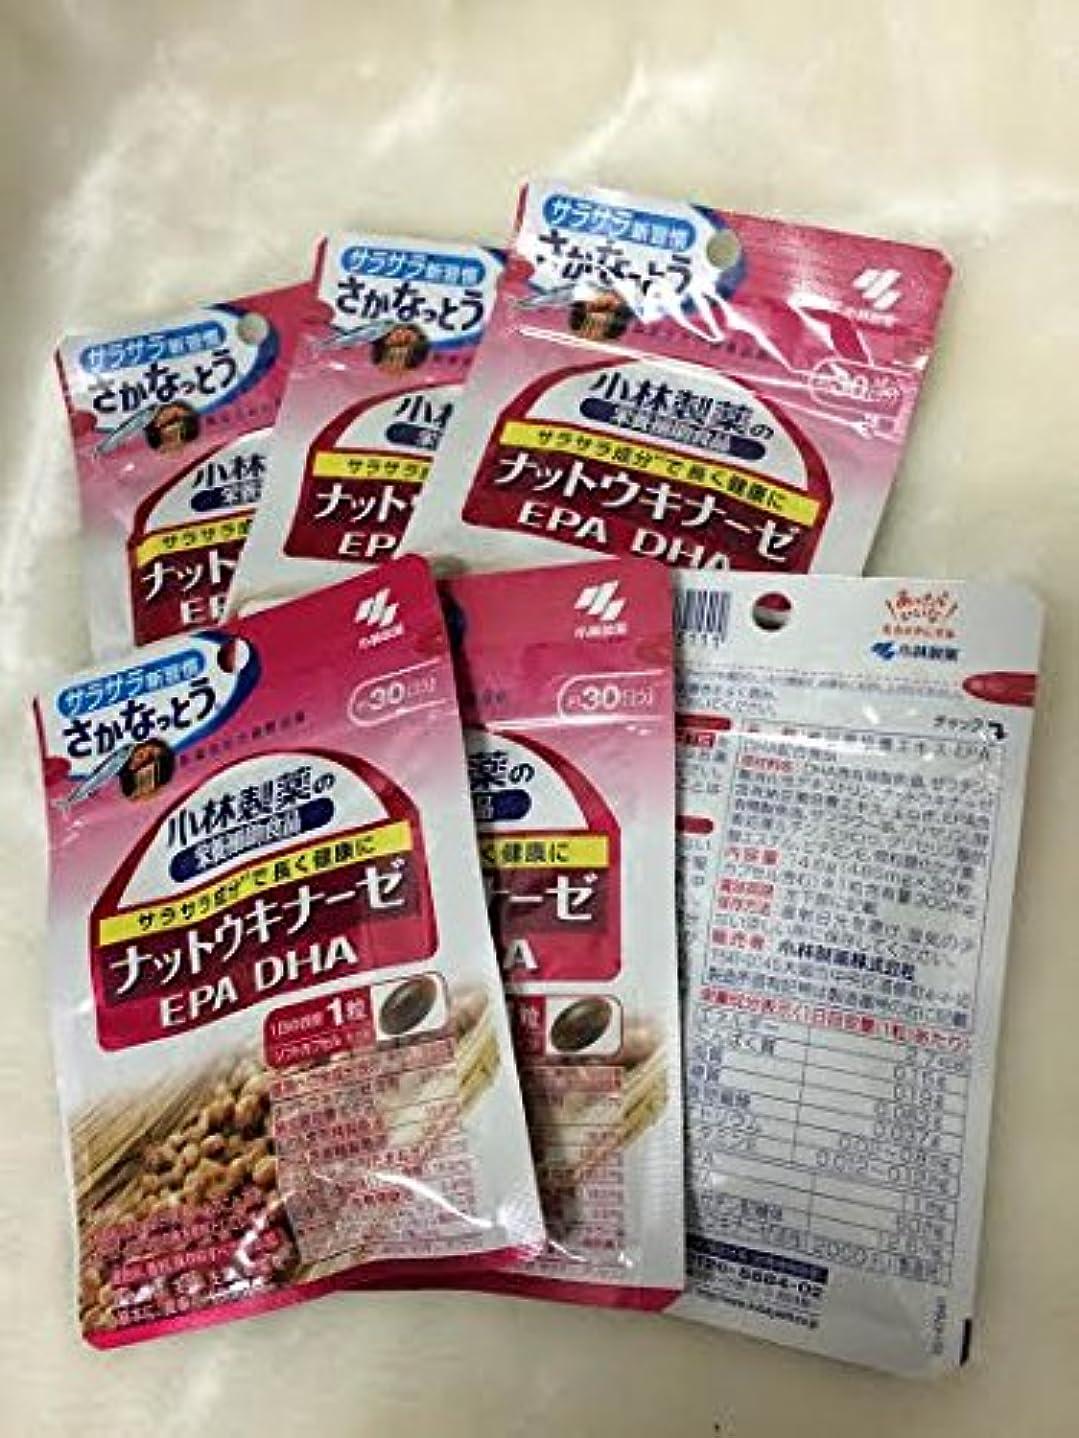 逃れるアカウントフレームワーク小林製薬の栄養補助食品 ナットウキナーゼ?DHA?EPA 30粒(約30日分) 6セット